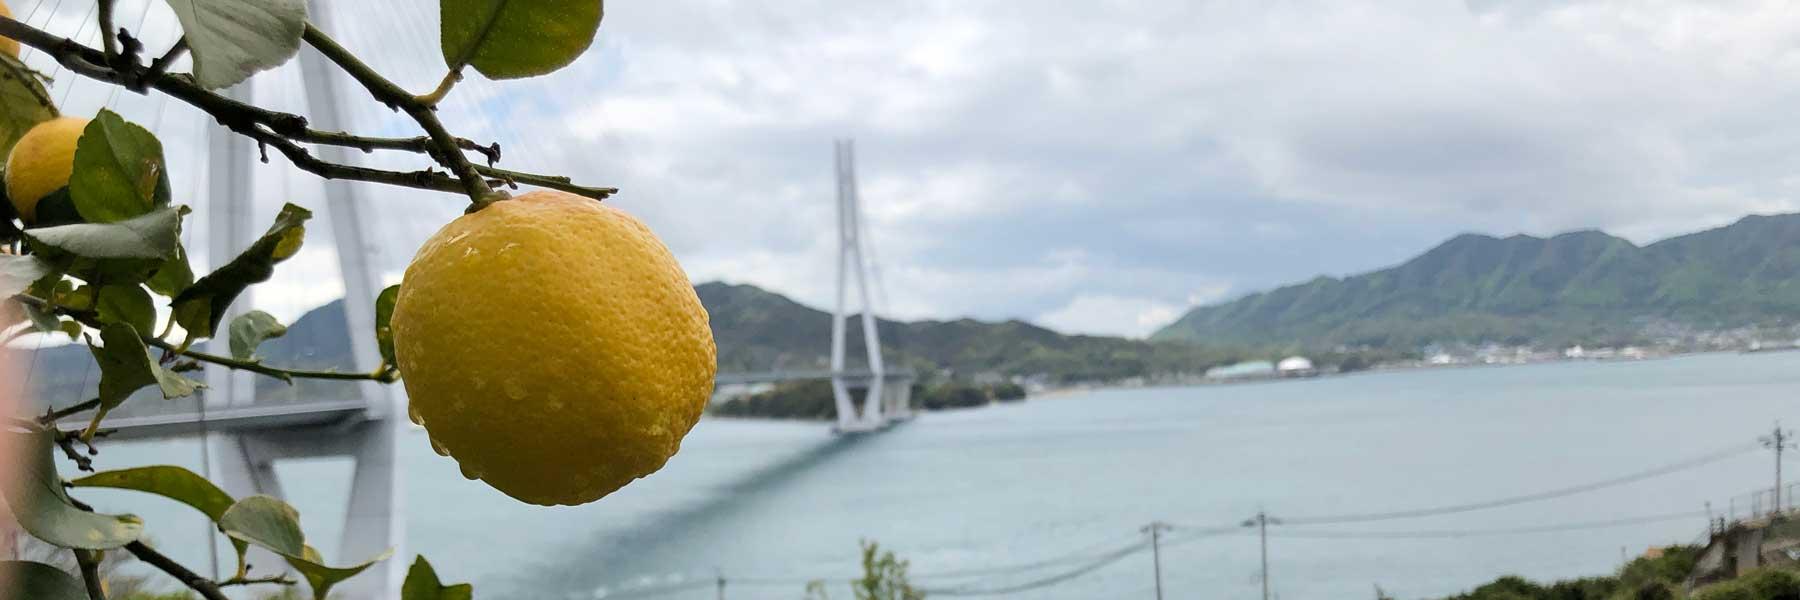 レモンの聖地、生口島に行ってレモンサワーを飲んでみた!